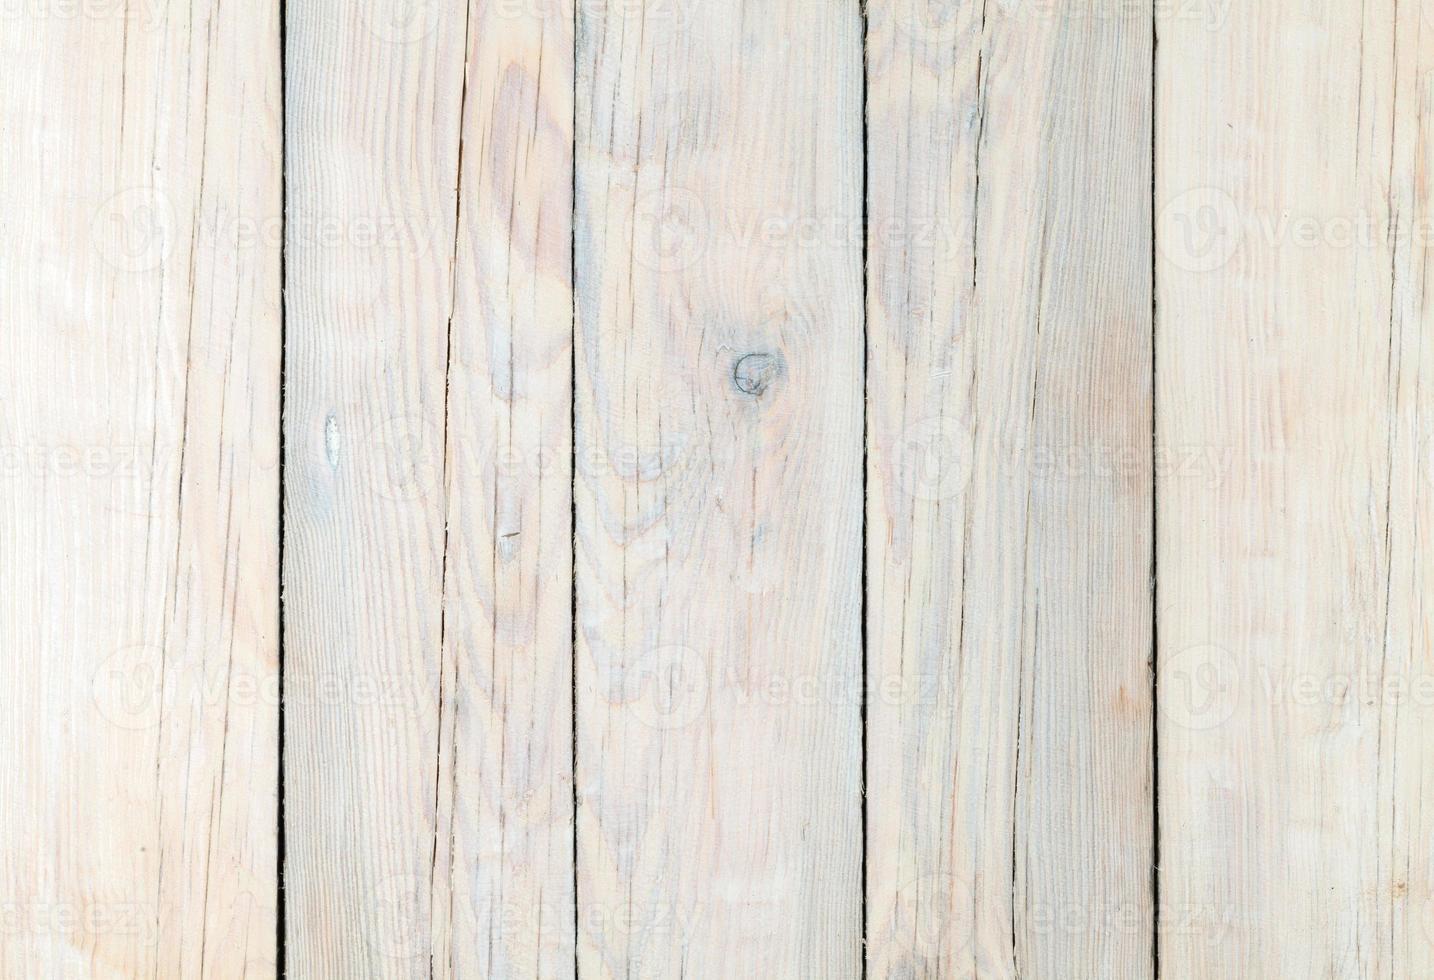 White wooden texture photo